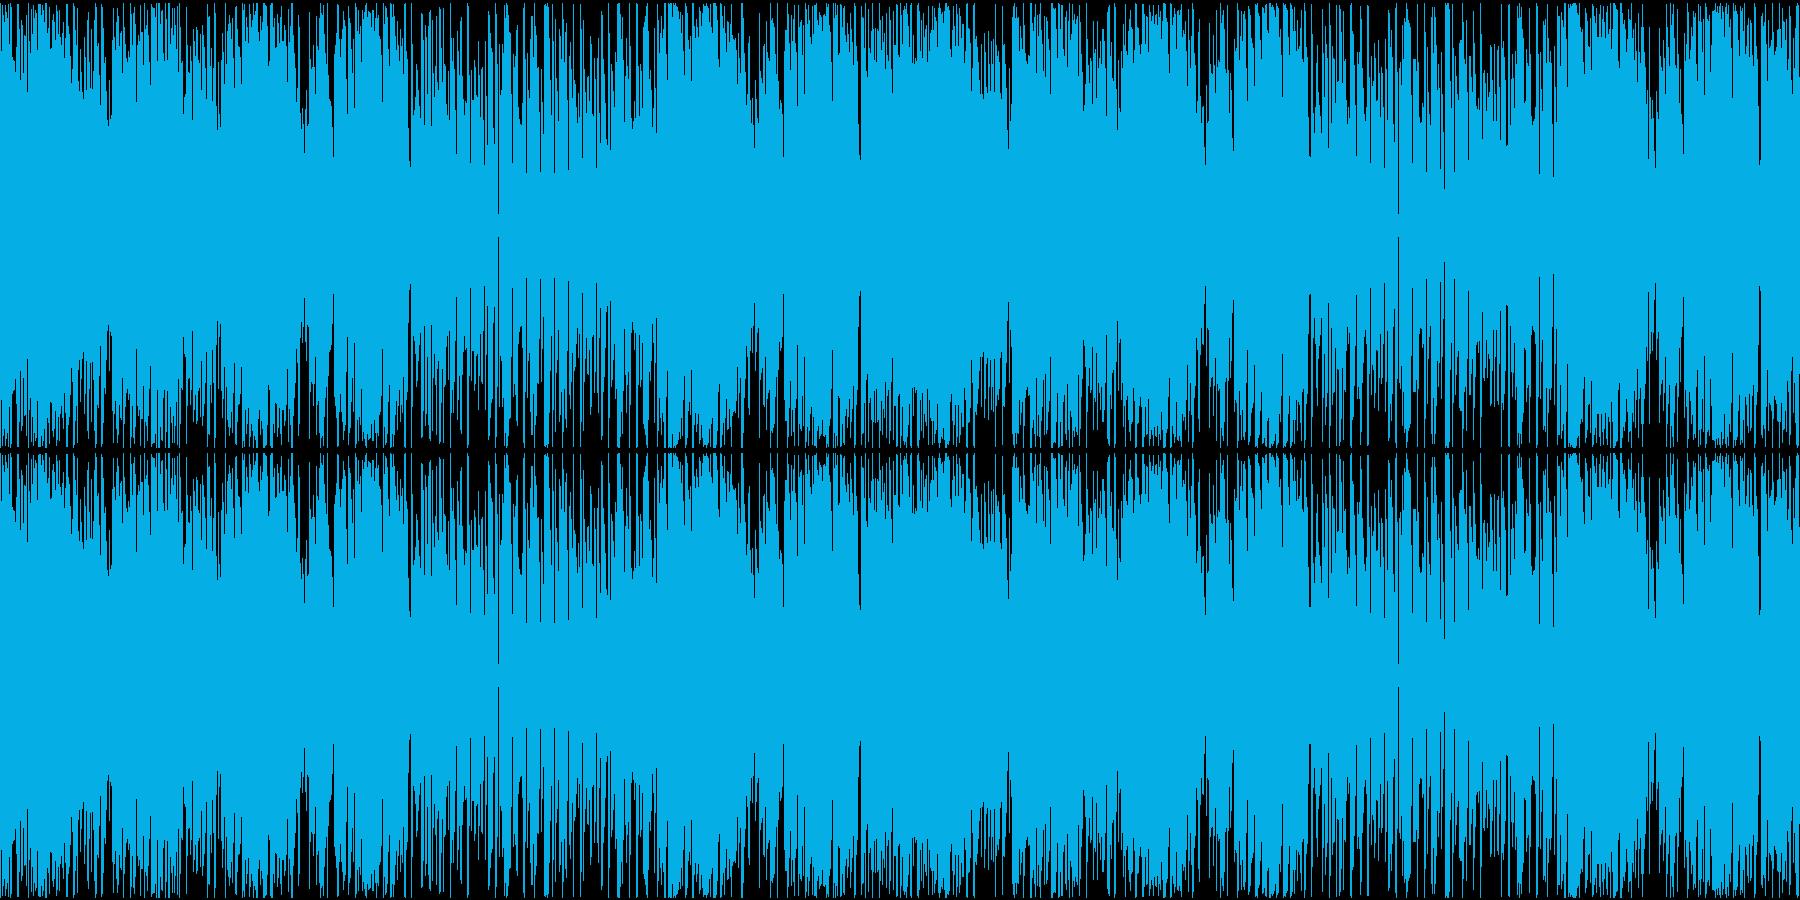 レトロ風ゲームの砂漠の遺跡ステージBGMの再生済みの波形